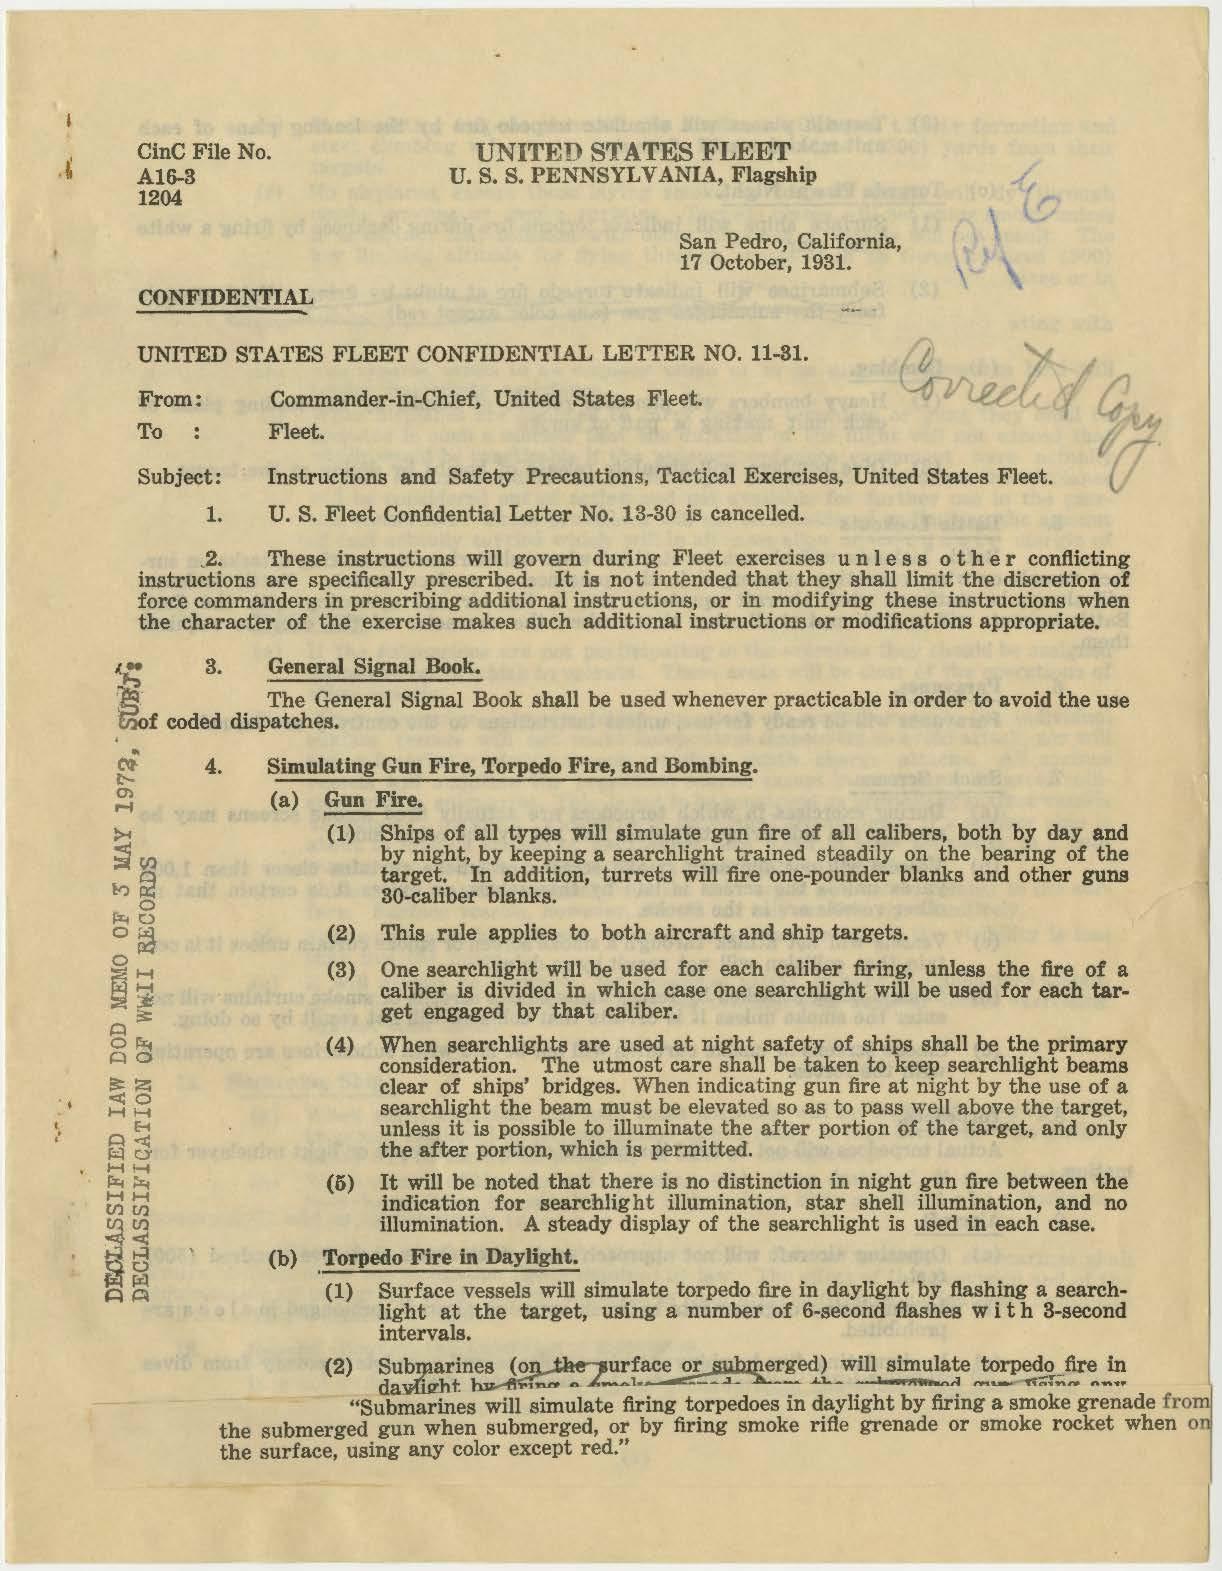 US Fleet Confidential Letter No. 11-31